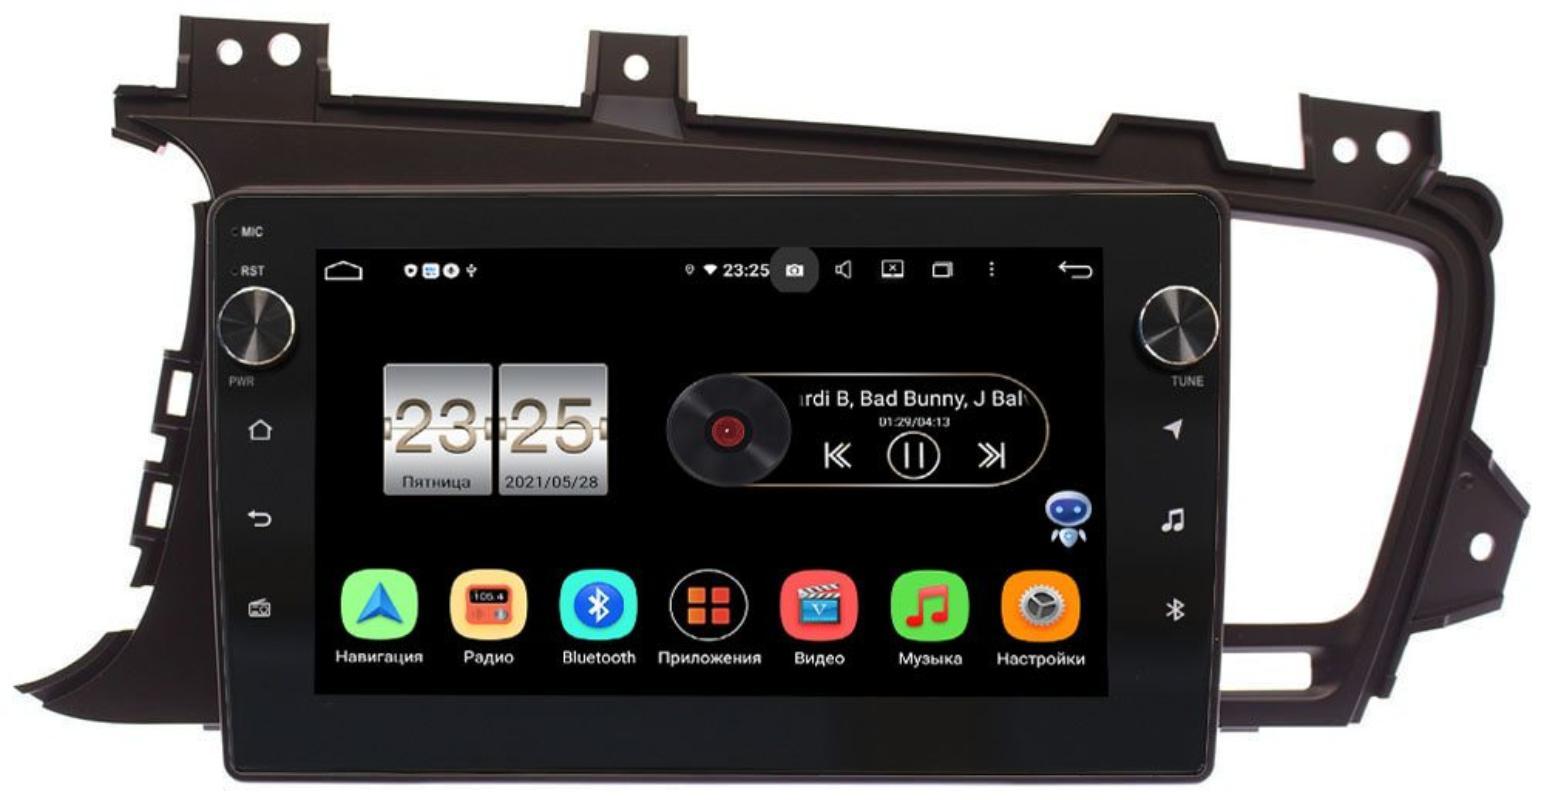 Штатная магнитола LeTrun BPX409-9016 для Kia Optima III 2010-2013 на Android 10 (4/32, DSP, IPS, с голосовым ассистентом, с крутилками) для авто с камерой (+ Камера заднего вида в подарок!)